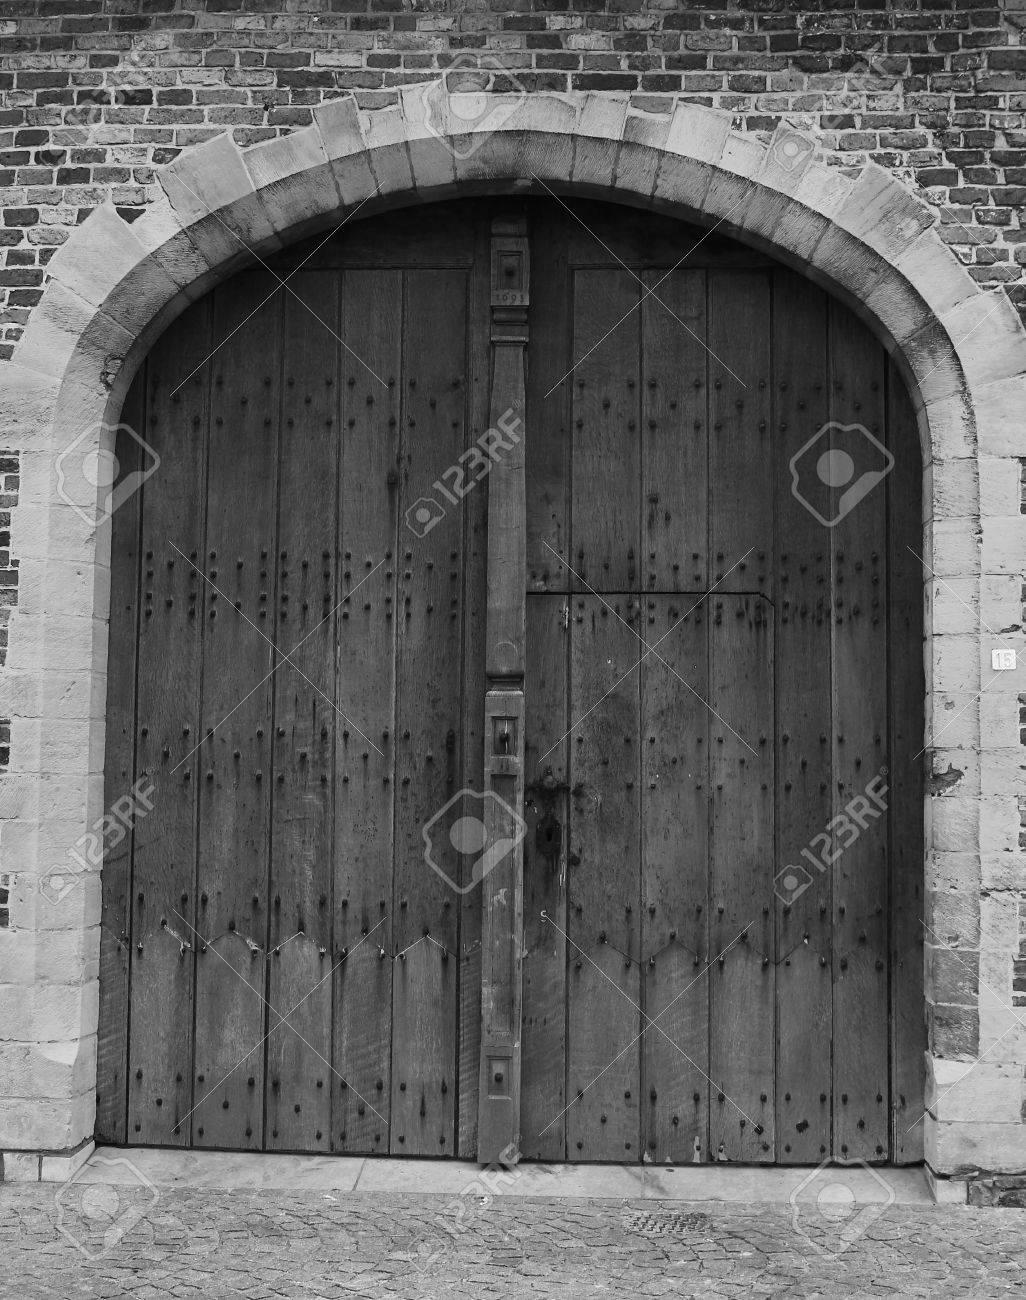 Entrée Noir Et Blanc une étude en noir et blanc d'une ancienne porte d'entrée du village de  damme en belgique.